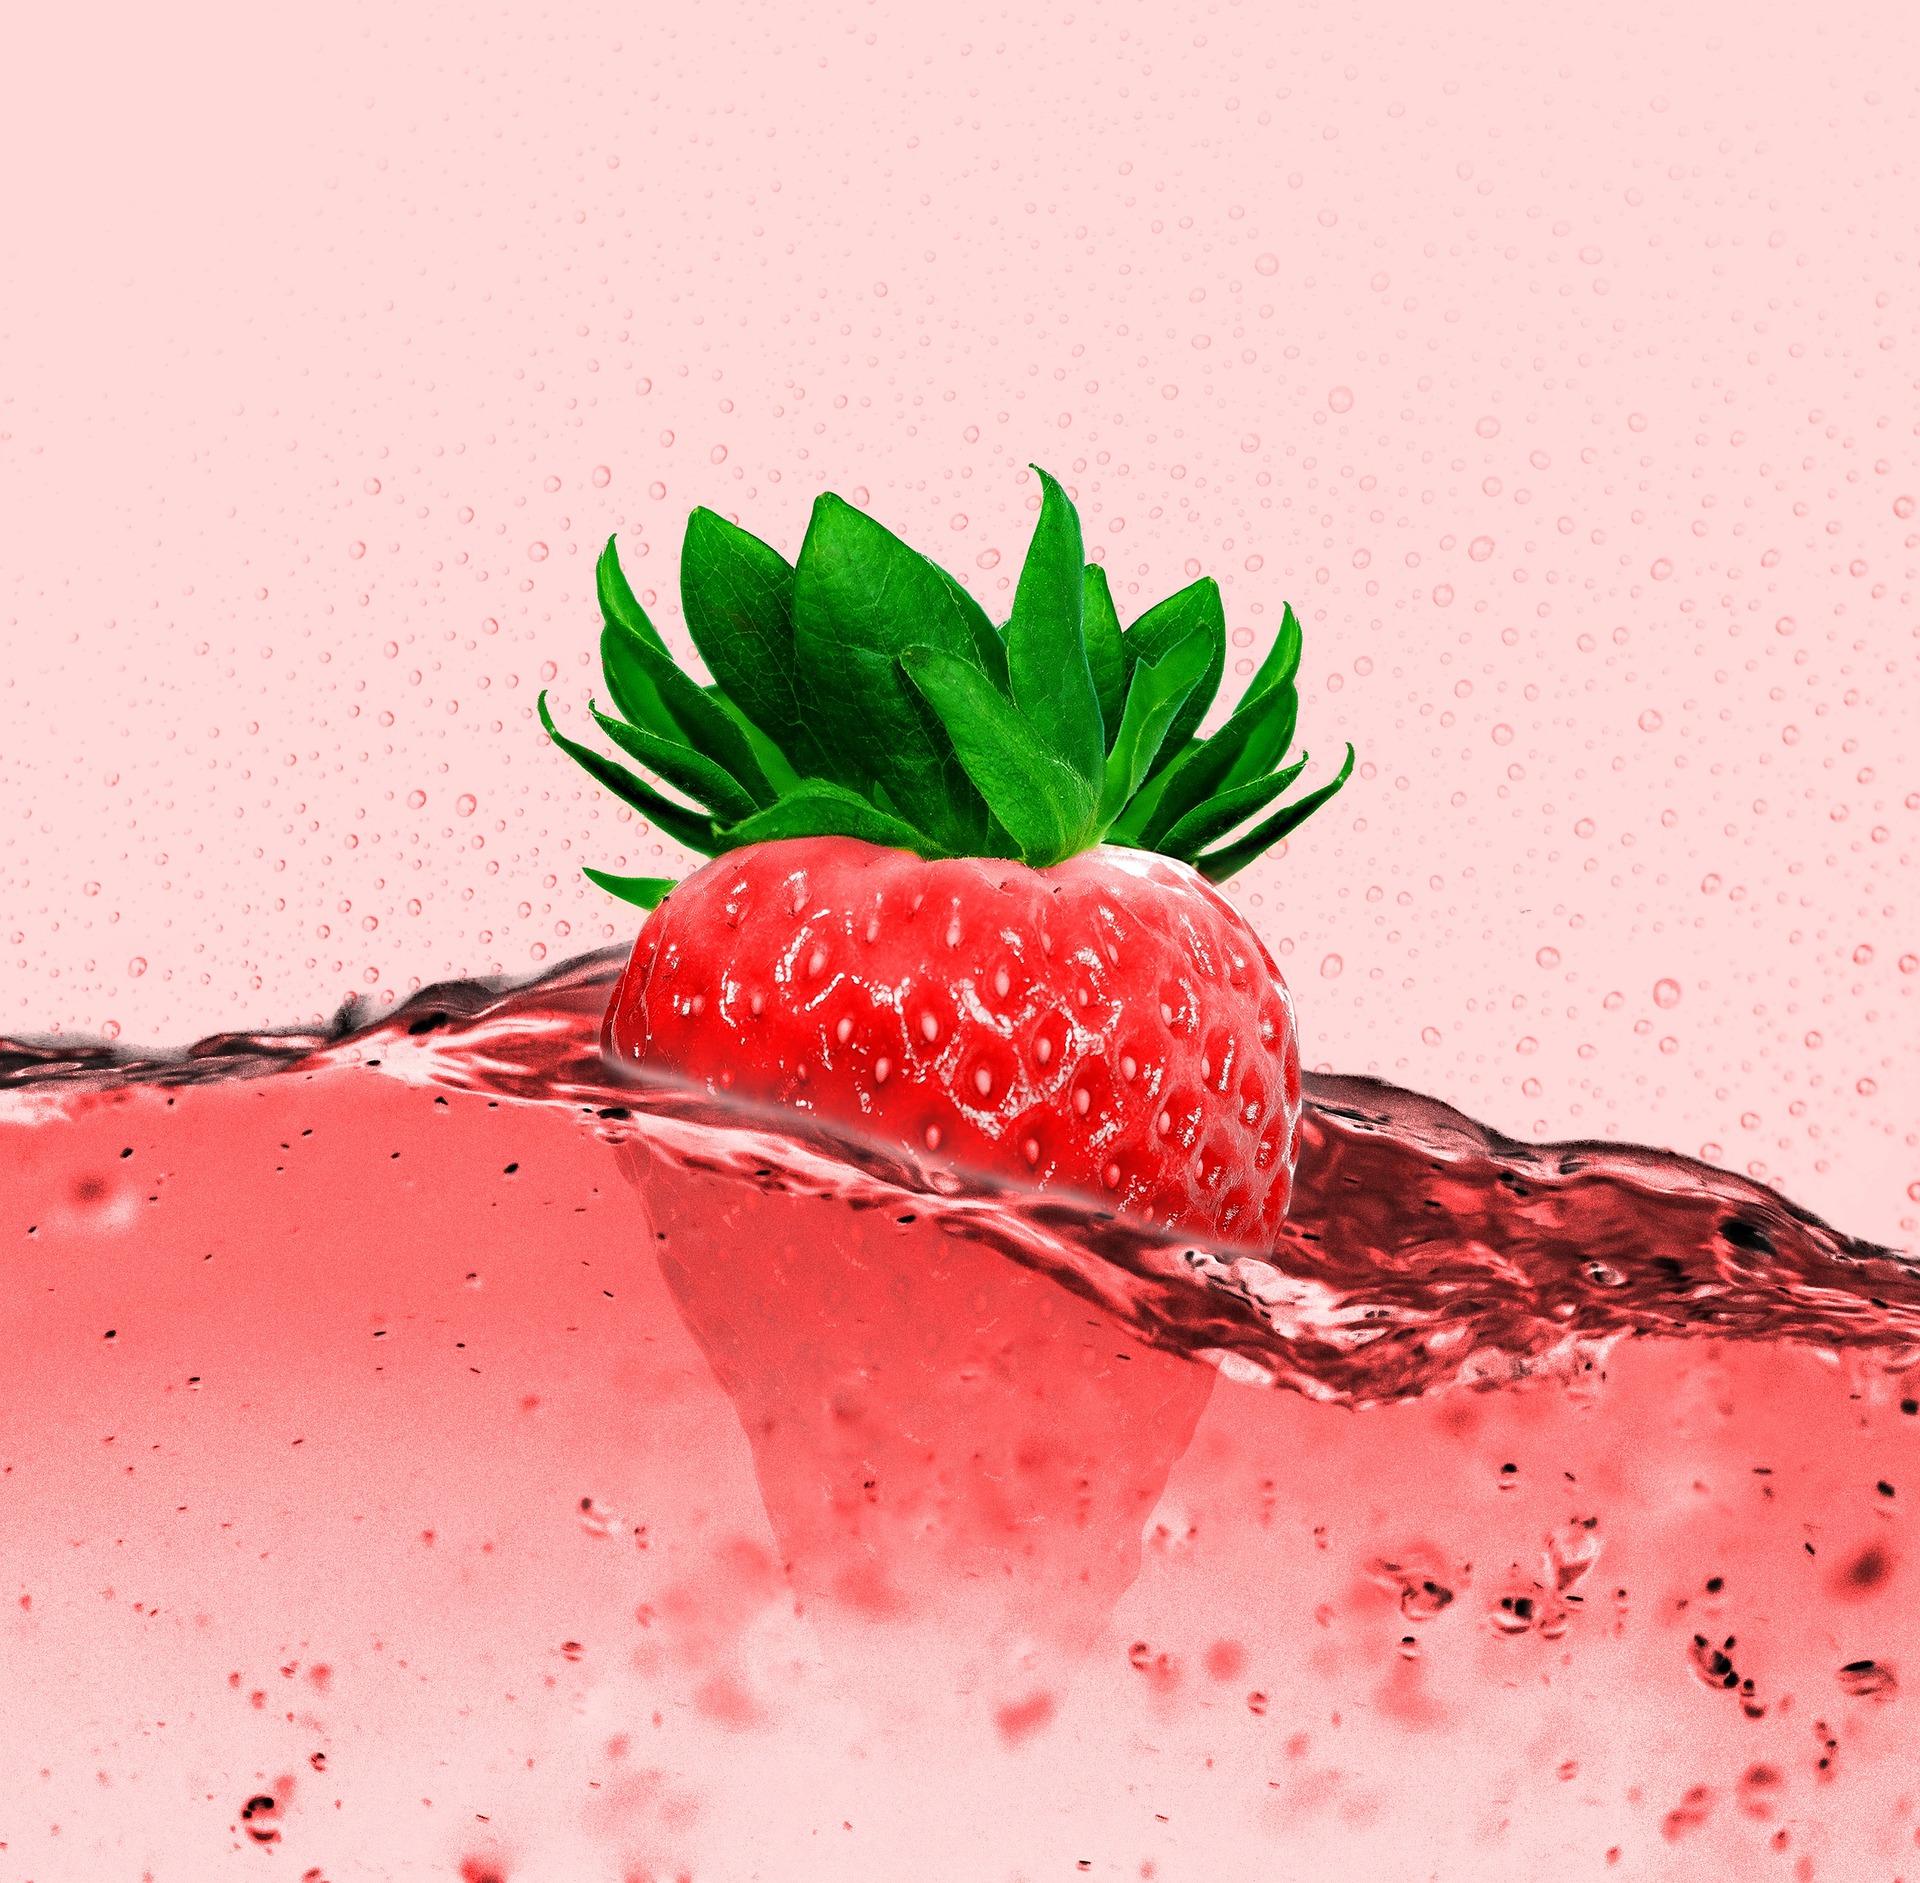 स्ट्राबेरी, रस, पेय, फल, बुलबुले, लाल - HD वॉलपेपर - प्रोफेसर-falken.com